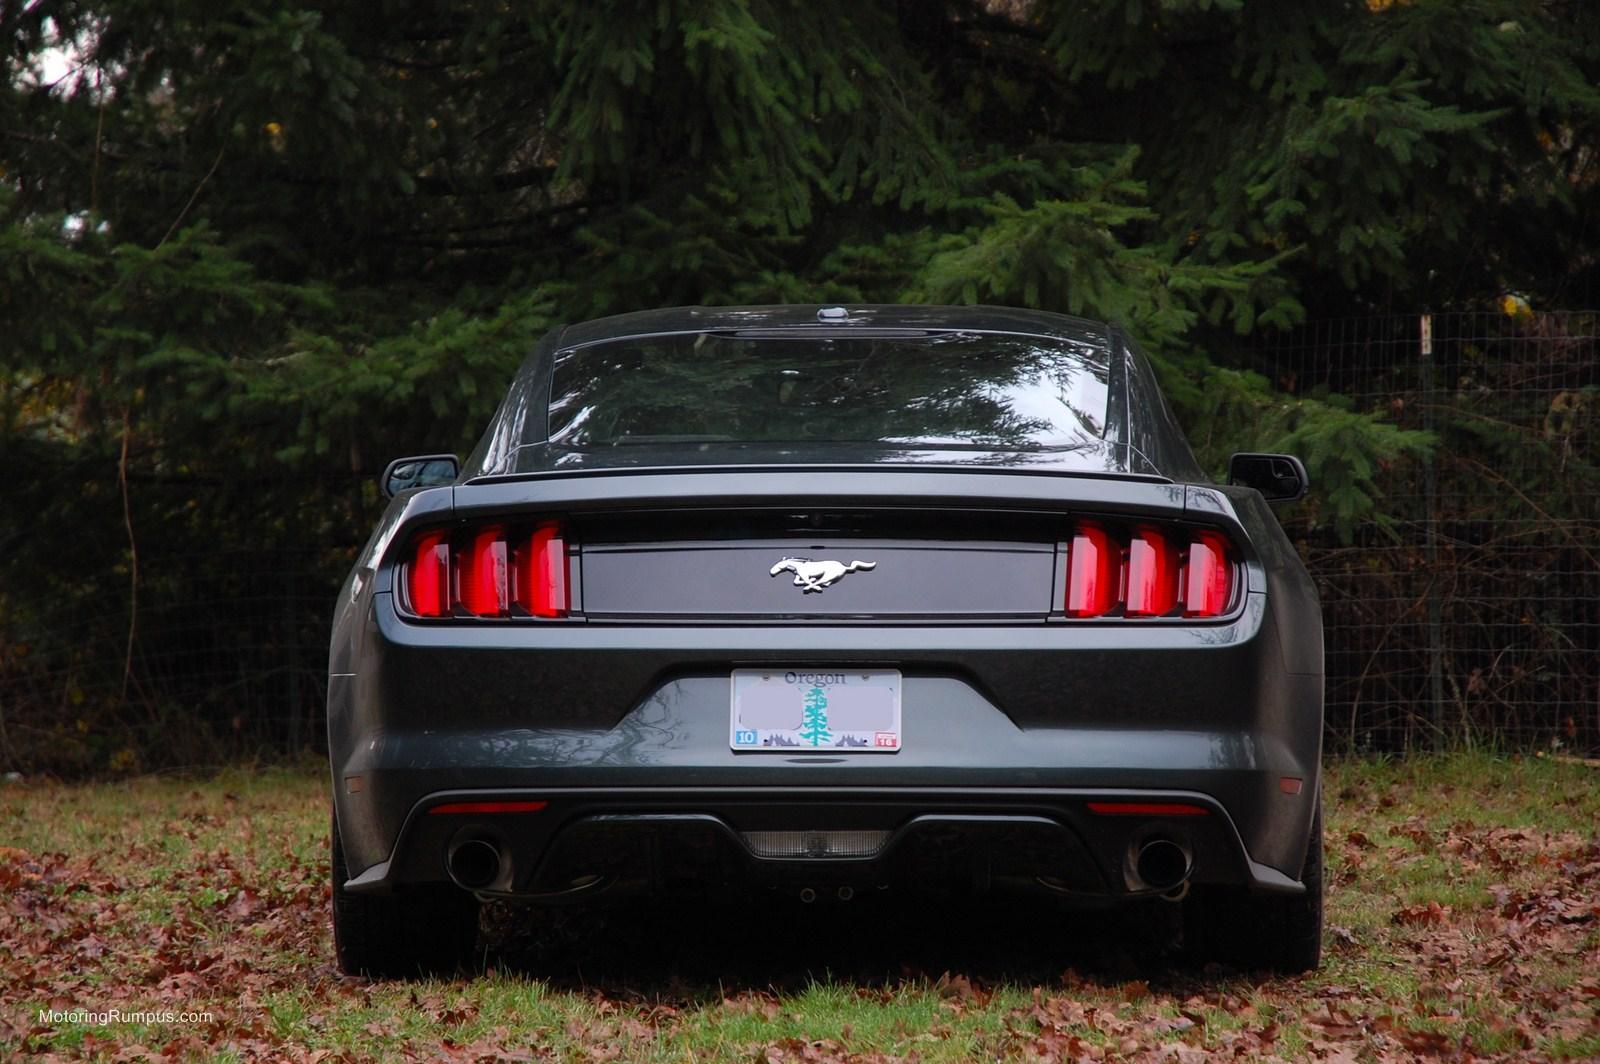 2015 Ford Mustang Rear - Motoring Rumpus